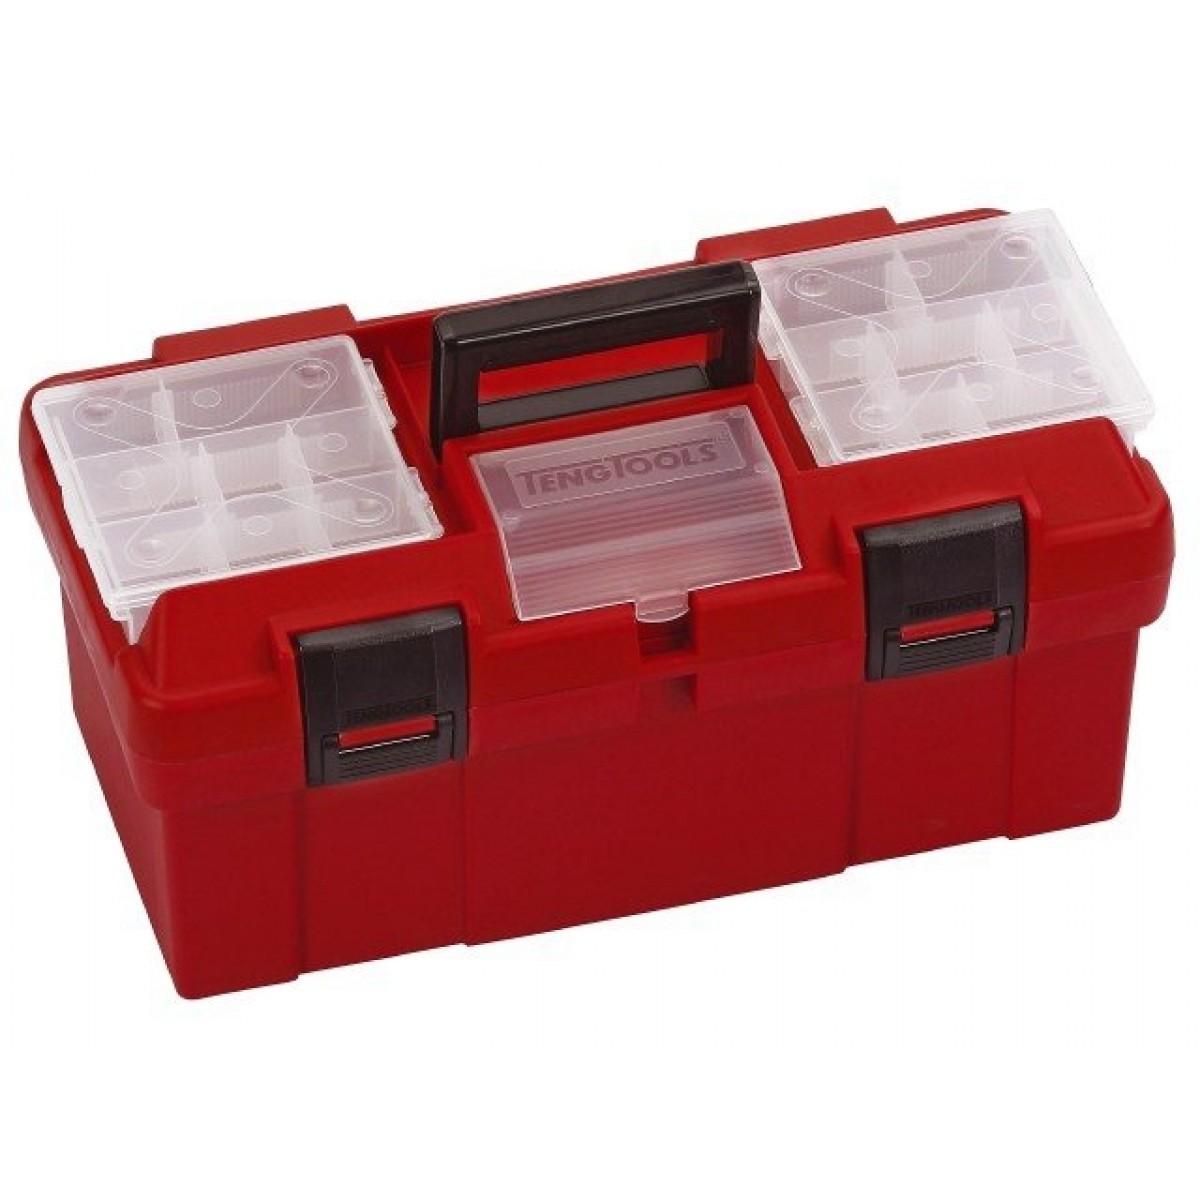 Teng Tool Værktøjskasse Plast-31